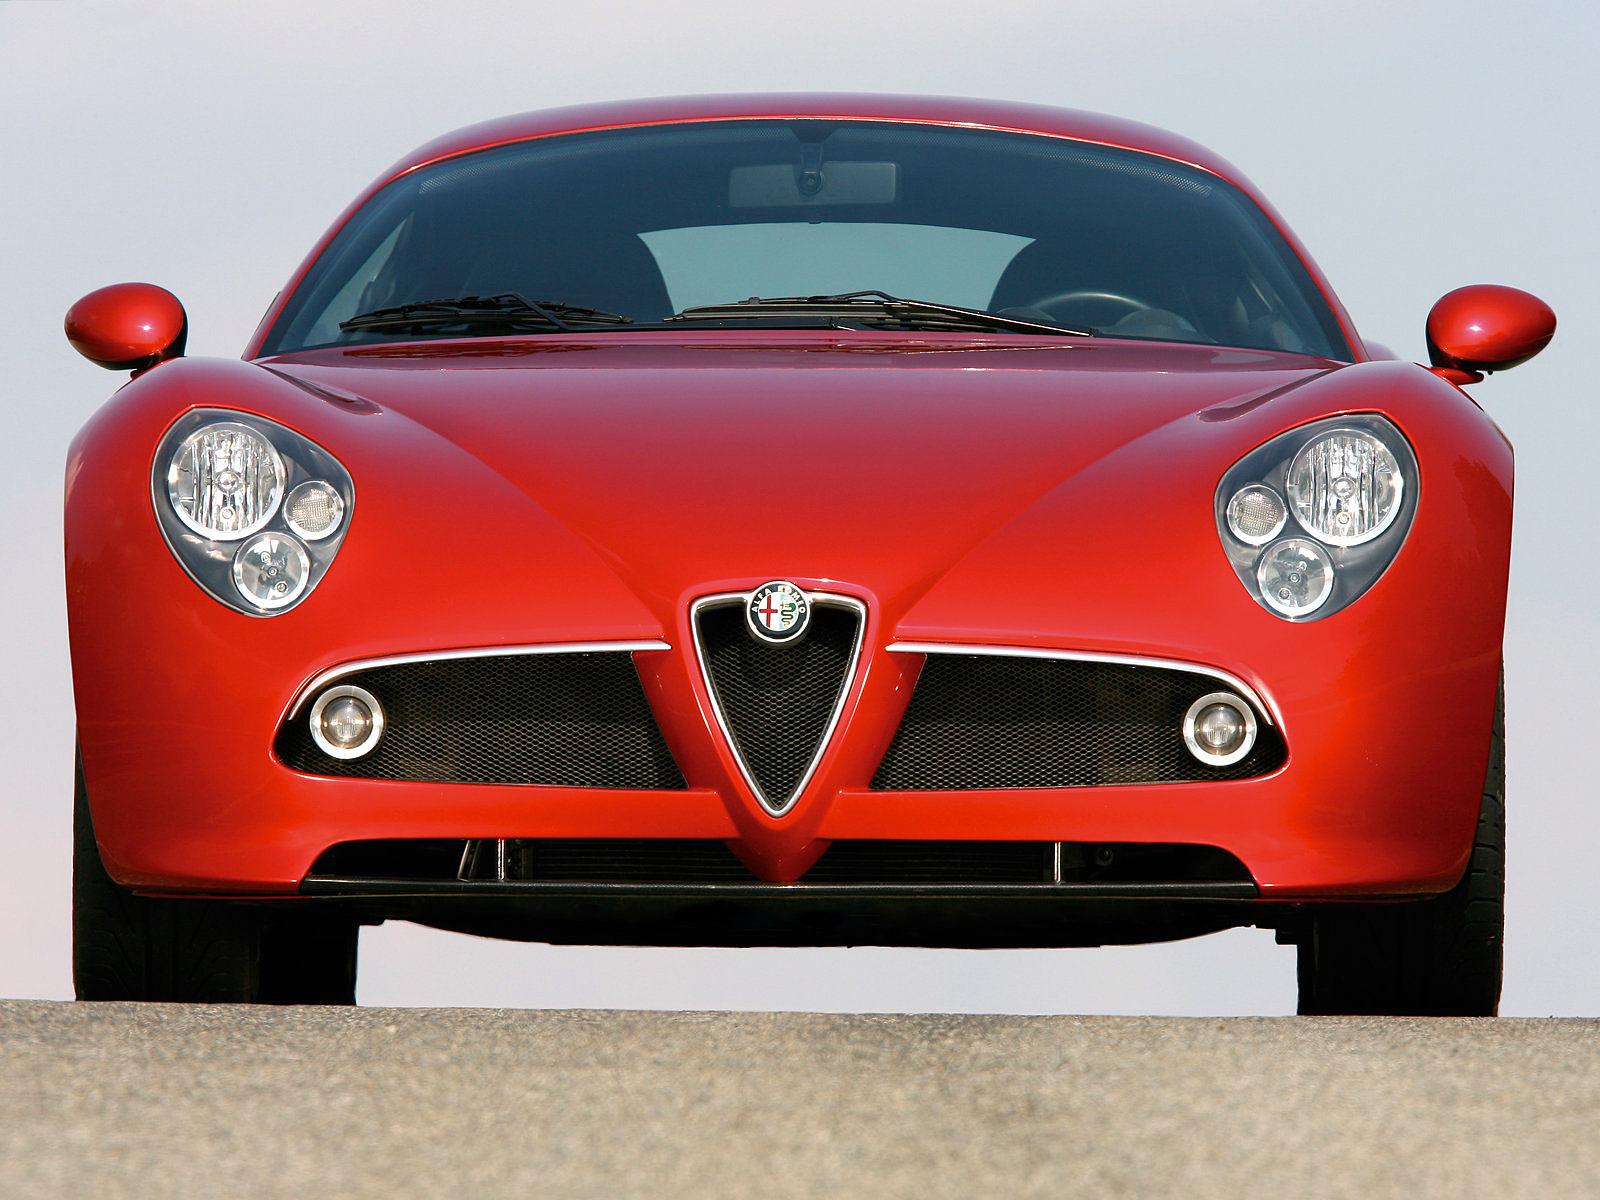 http://4.bp.blogspot.com/-N_q7kvMJbSI/Tr3Syj_b8KI/AAAAAAAAD2A/L5dE1T6kTjA/s1600/2007_ALFA-ROMEO-8C-Competizione_car-desktop-wallpaper_06.jpg